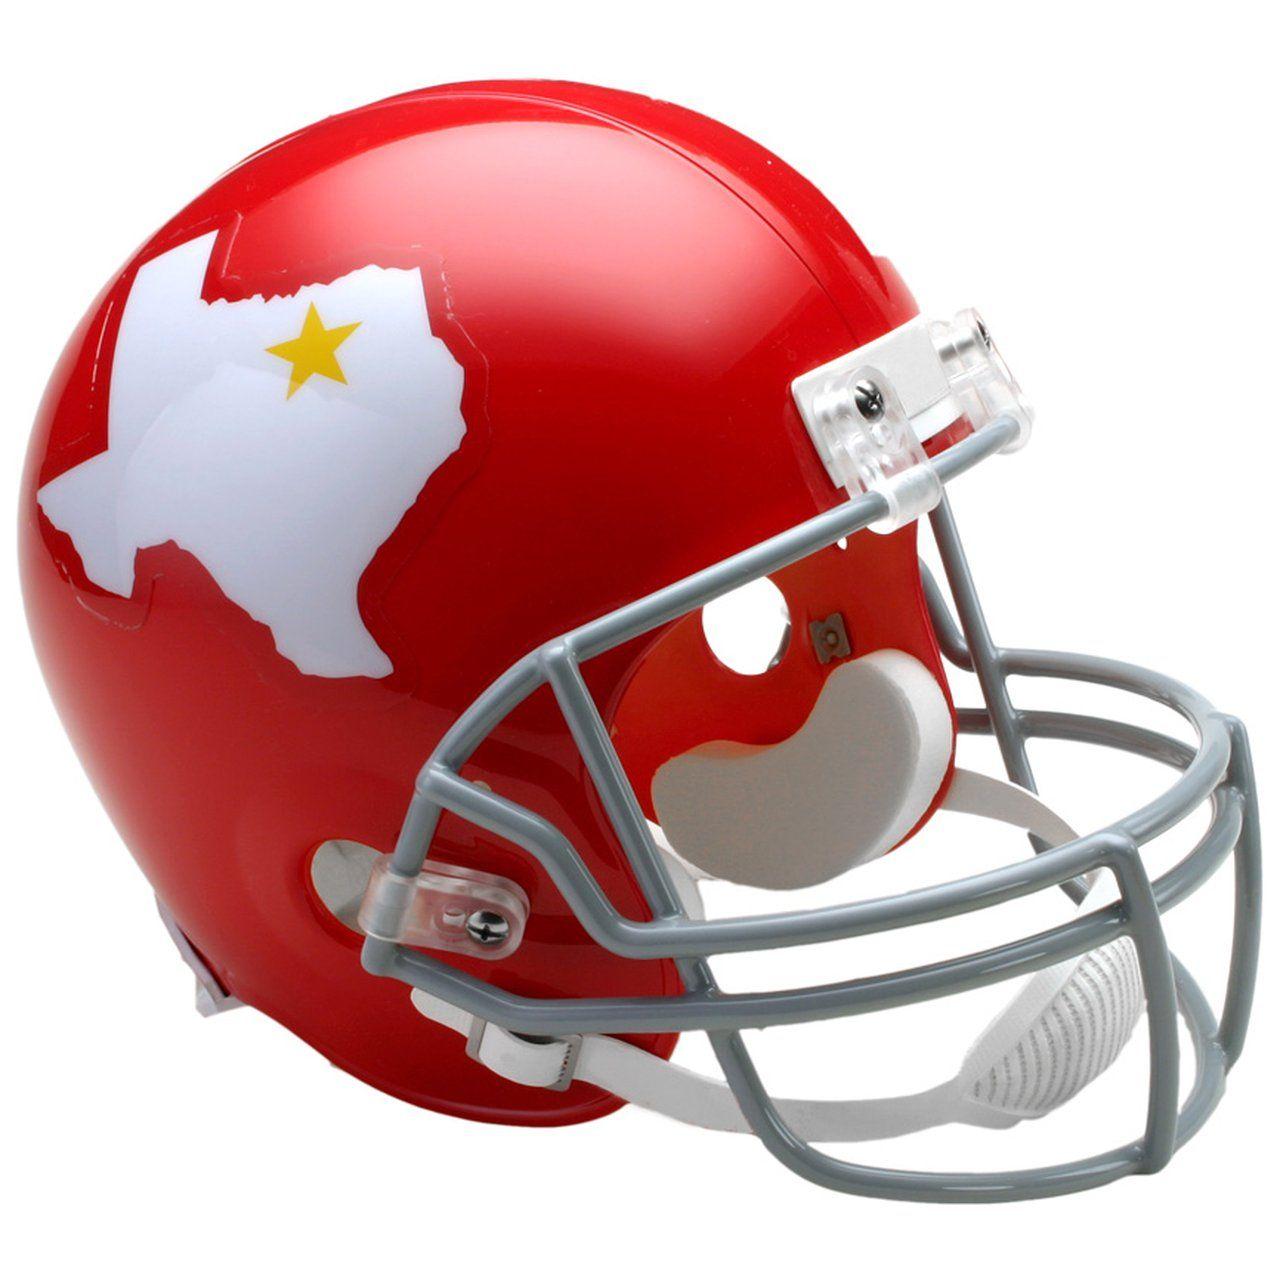 amfoo - Riddell VSR4 Replica Football Helm - Dallas Texans 1960-62